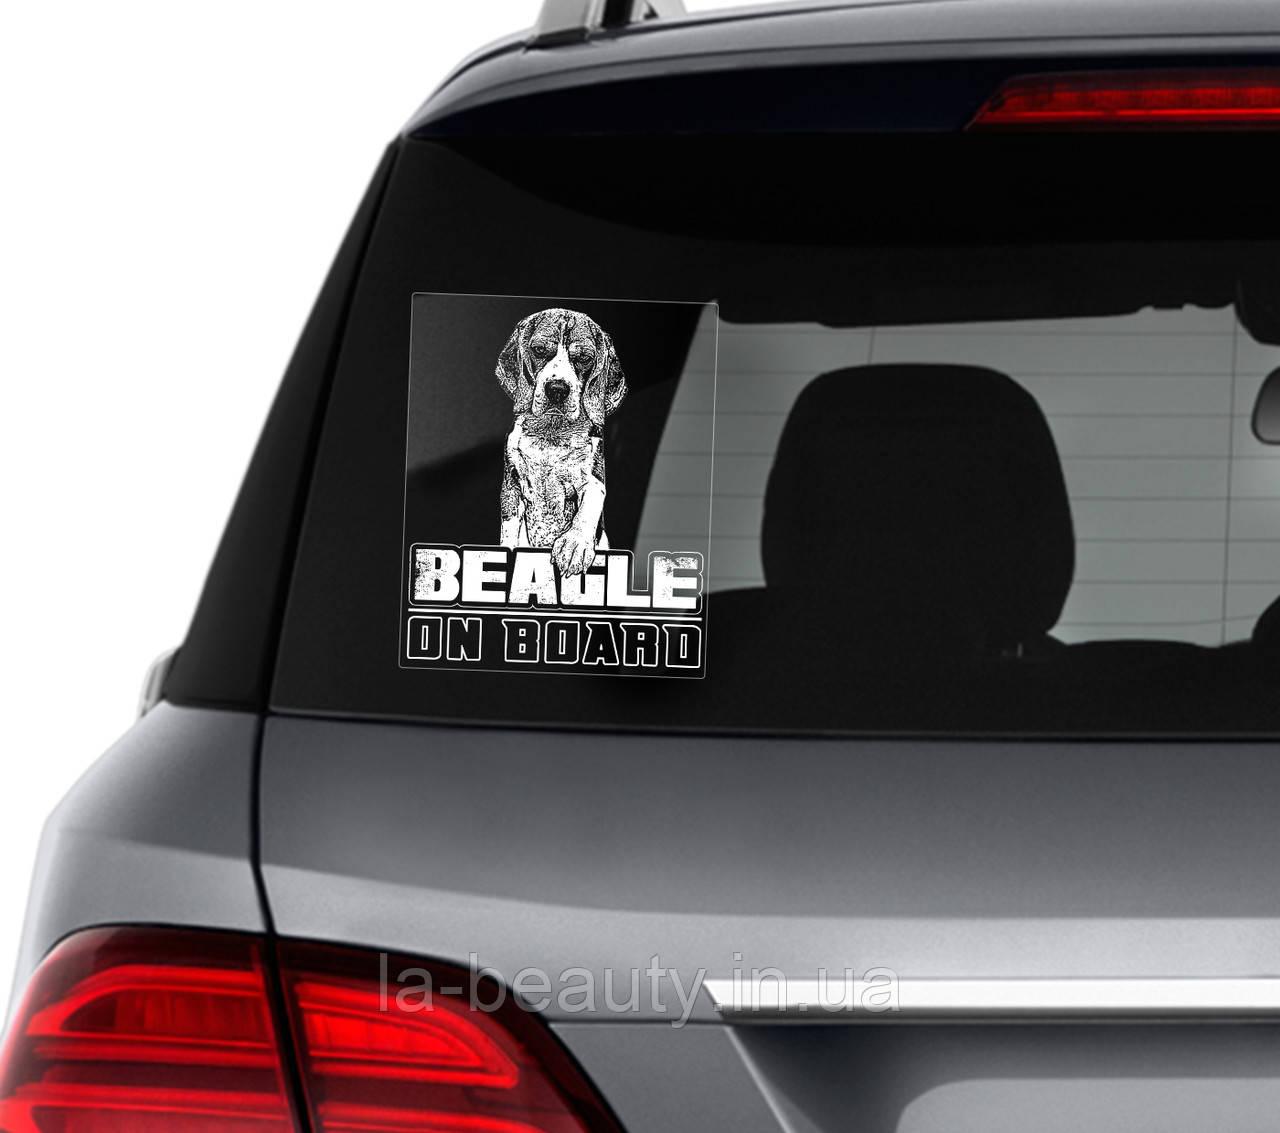 Наклейка на машину/авто Бигль на борту (Beagle on Board)